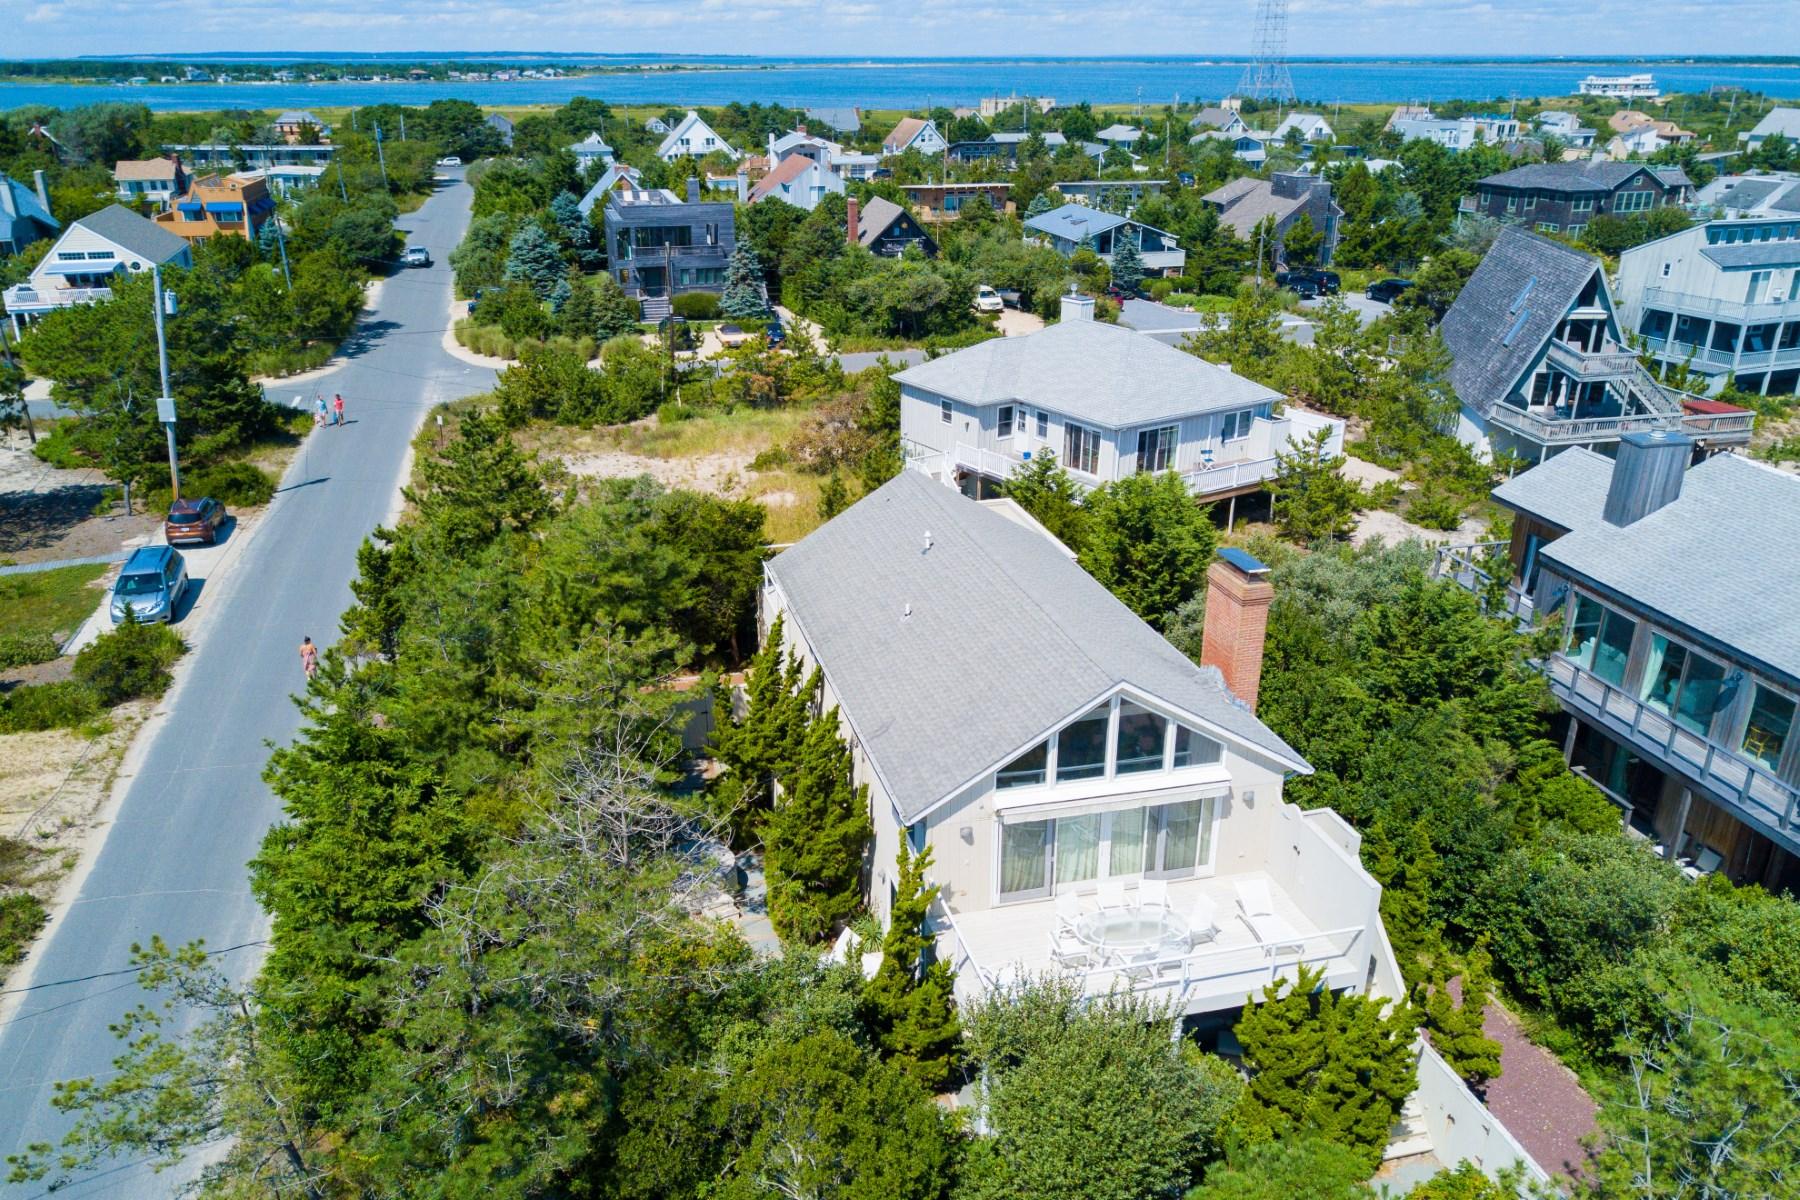 Maison unifamiliale pour l Vente à White Sands 51 Shore Road Amagansett, New York, 11930 États-Unis